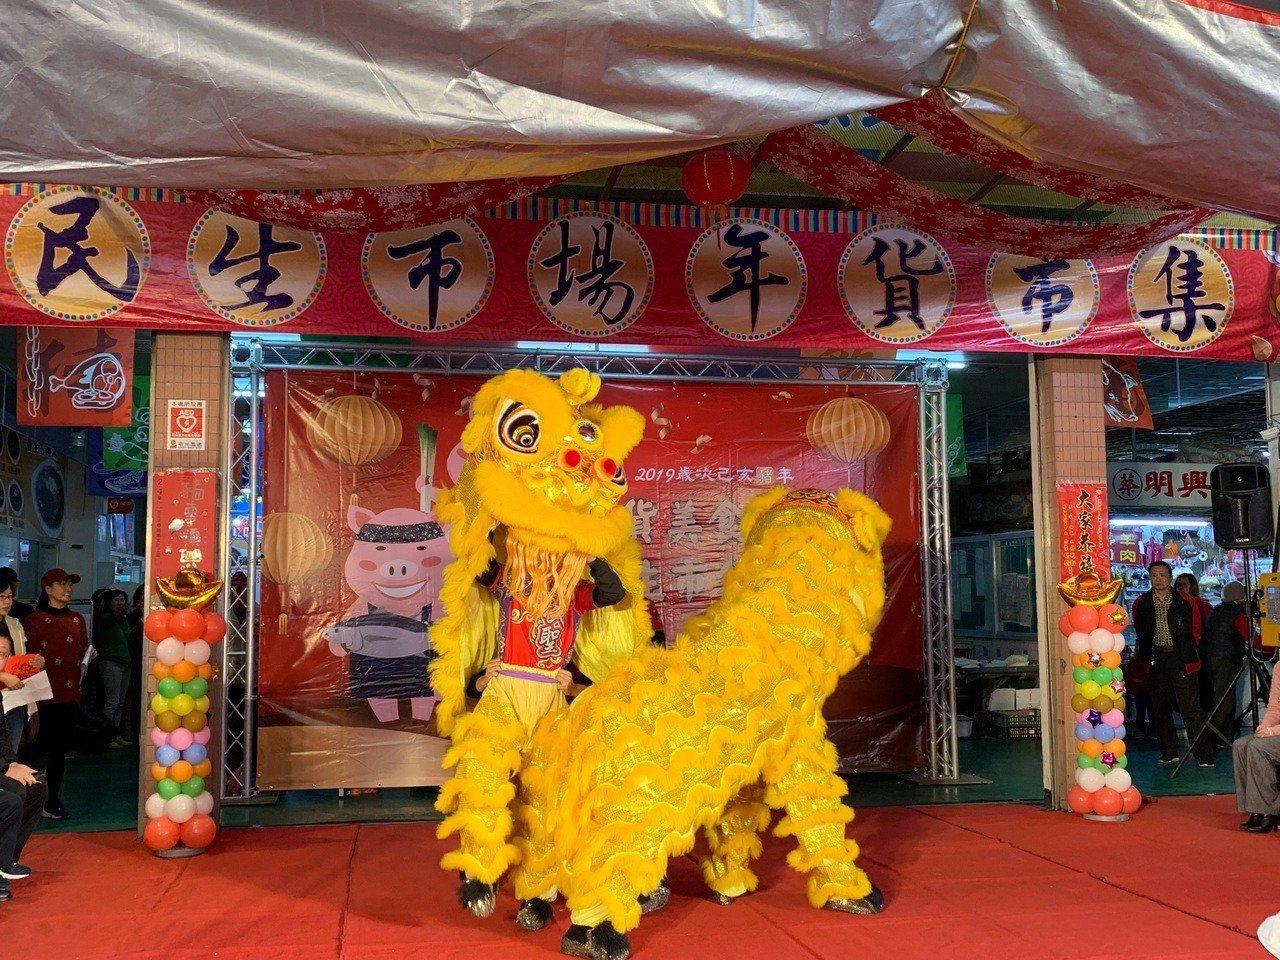 羅東鎮春節年貨市集,今天在民生市場熱鬧開幕了,舞獅慶賀。圖/羅東鎮公所提供